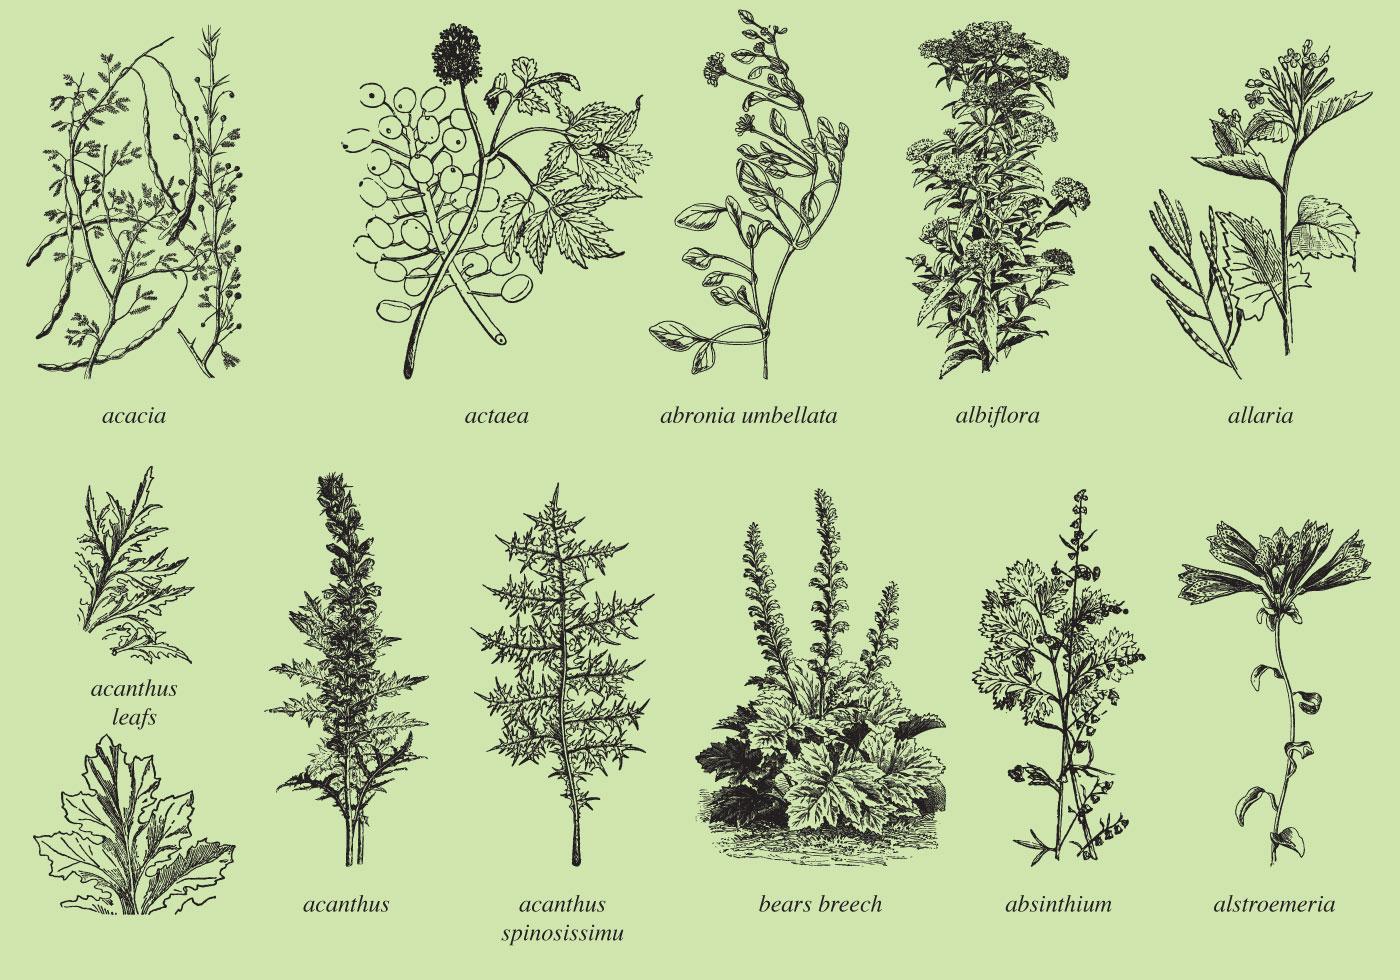 Medicina y plantas ornamentales descargue gr ficos y for Tres plantas ornamentales